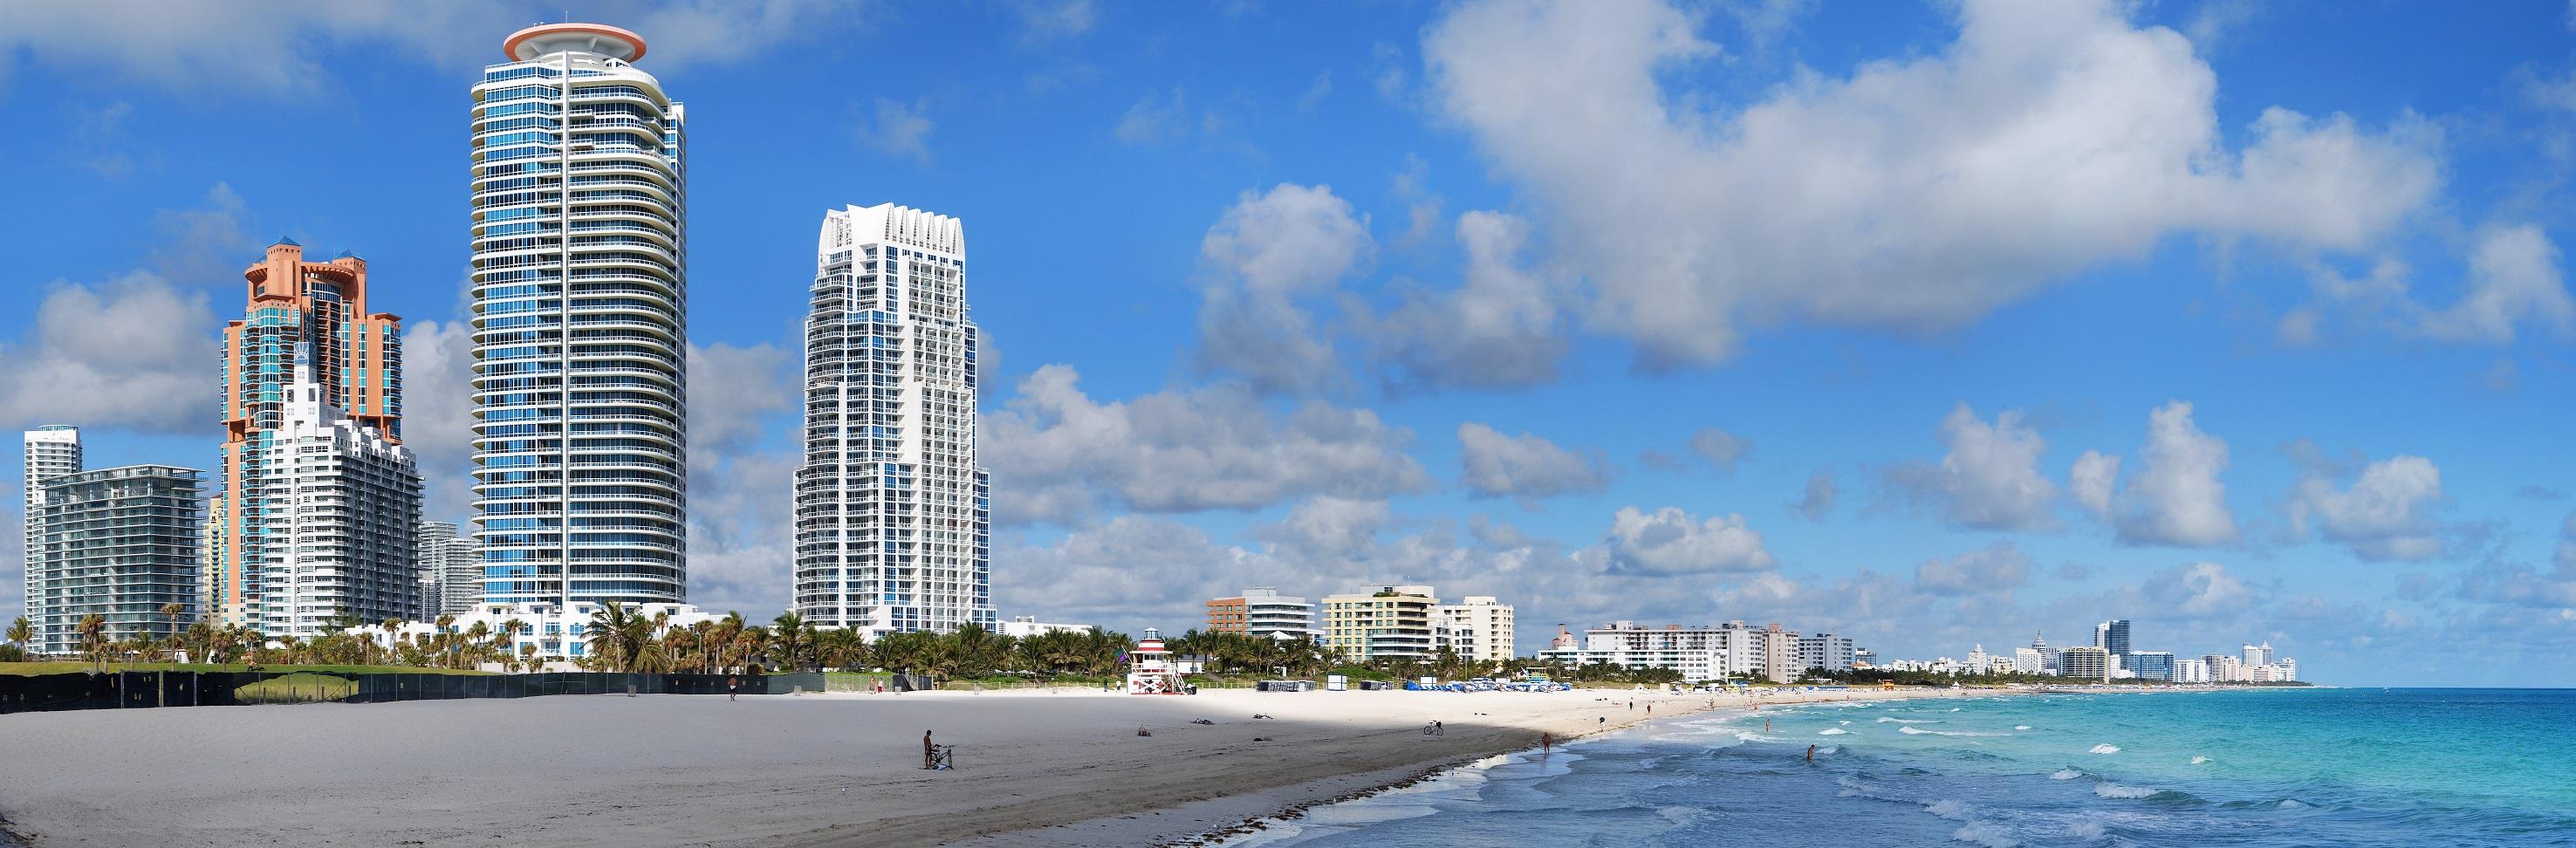 Miami Beach Real Estate: Miami Suburb Guide